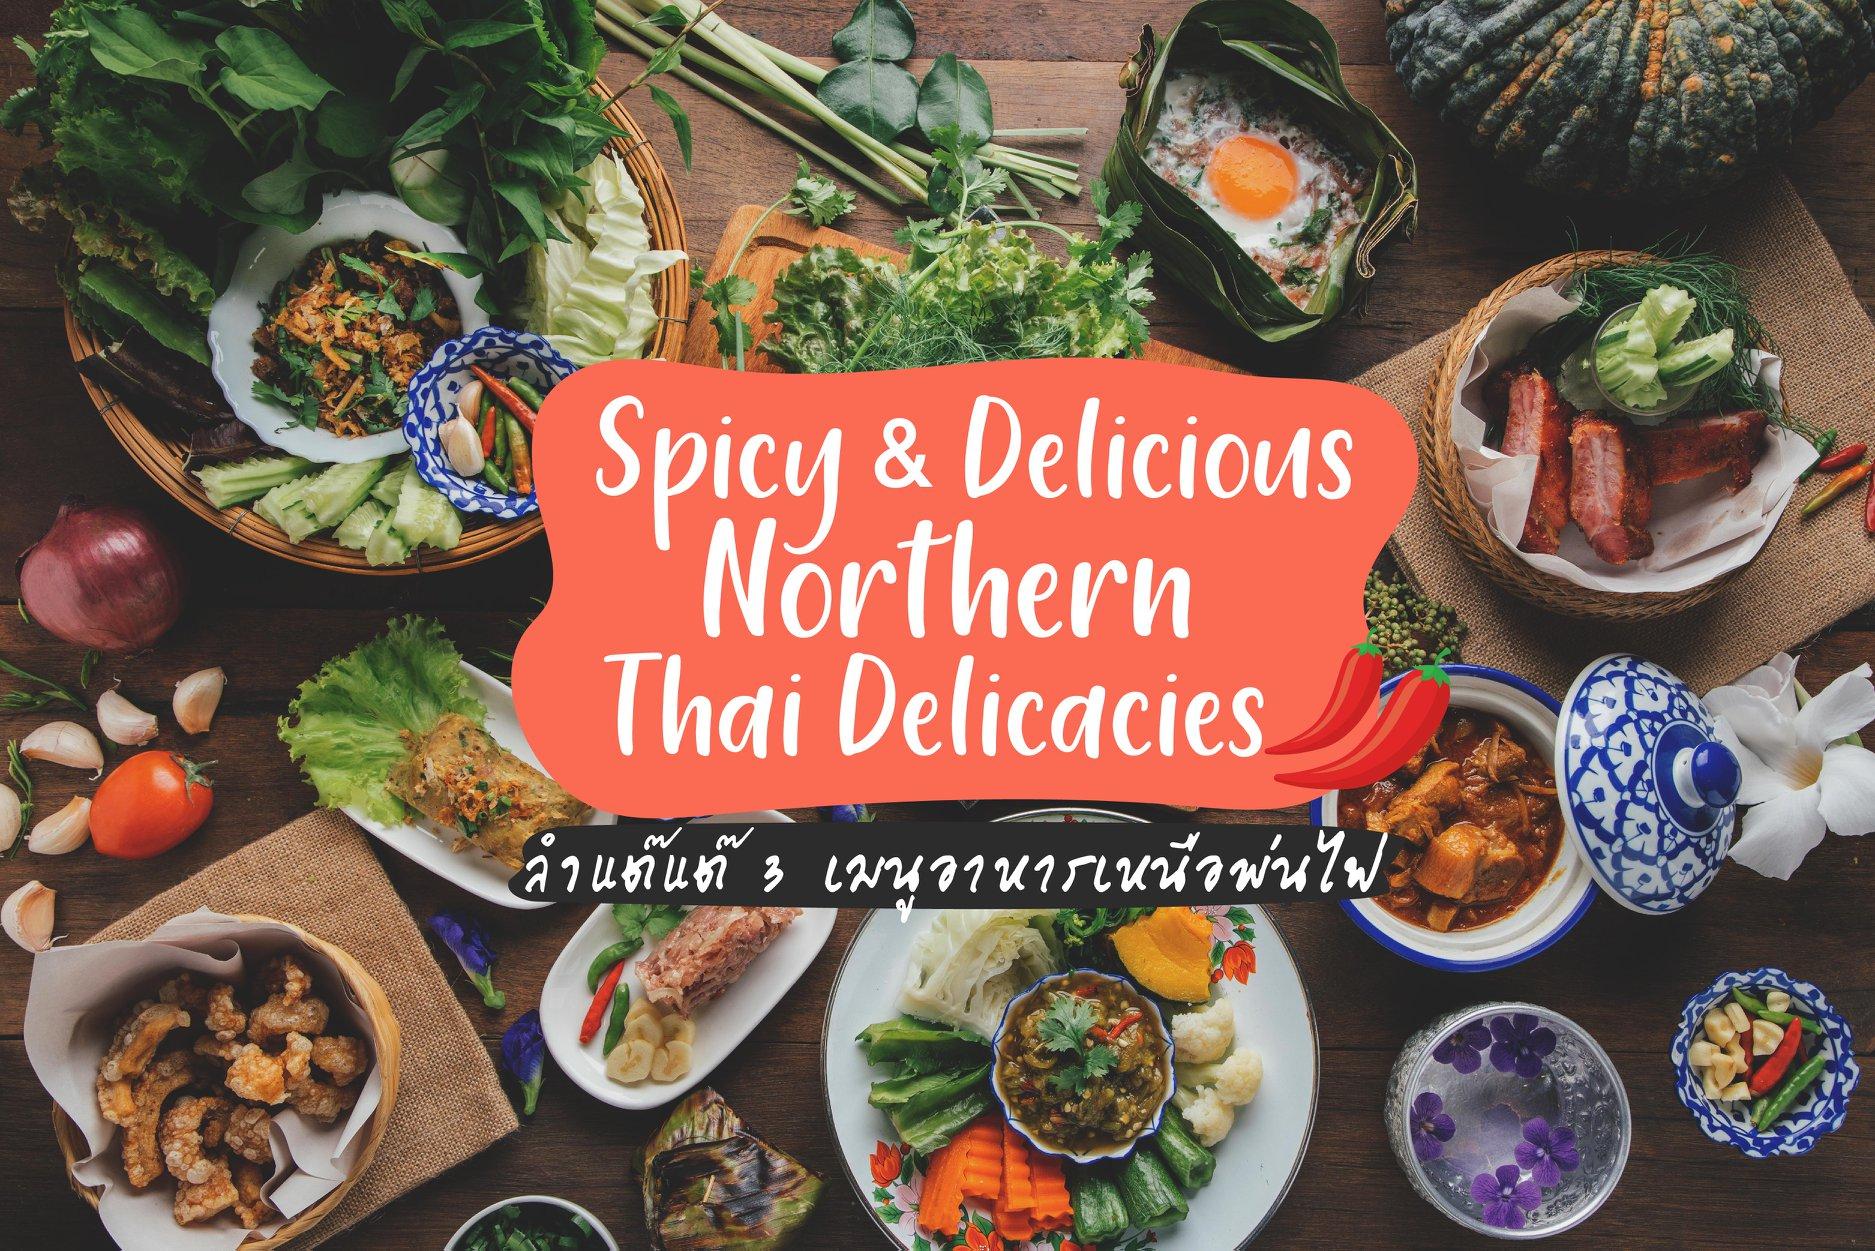 Spicy & Delicious Northern Thai Delicacies